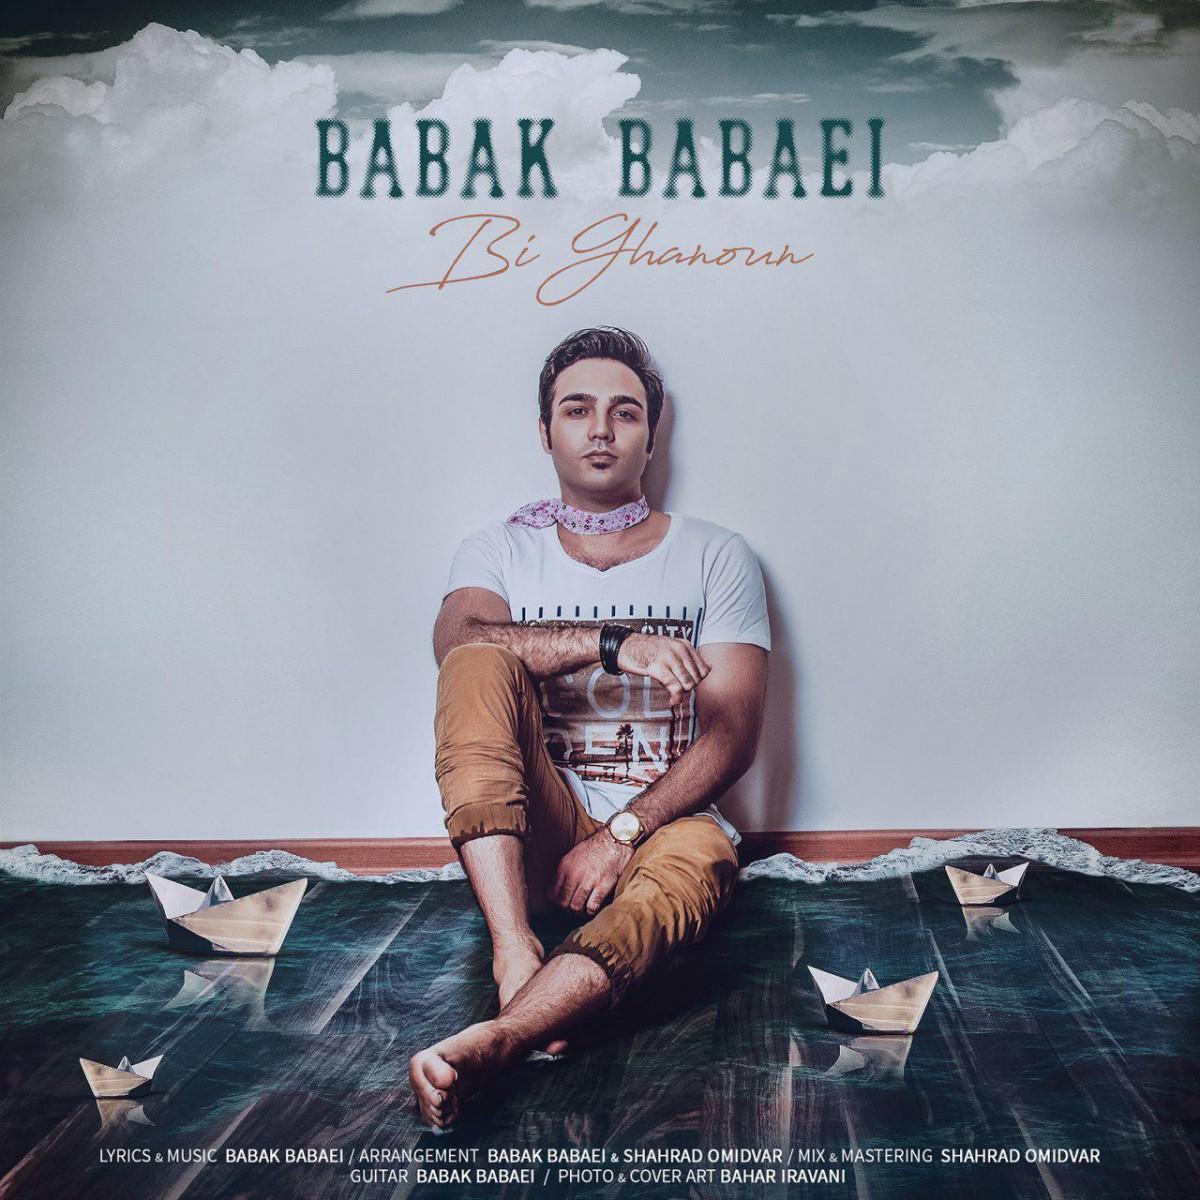 نامبر وان موزیک | دانلود آهنگ جدید Babak-Babaei-Bi-Ghanoon